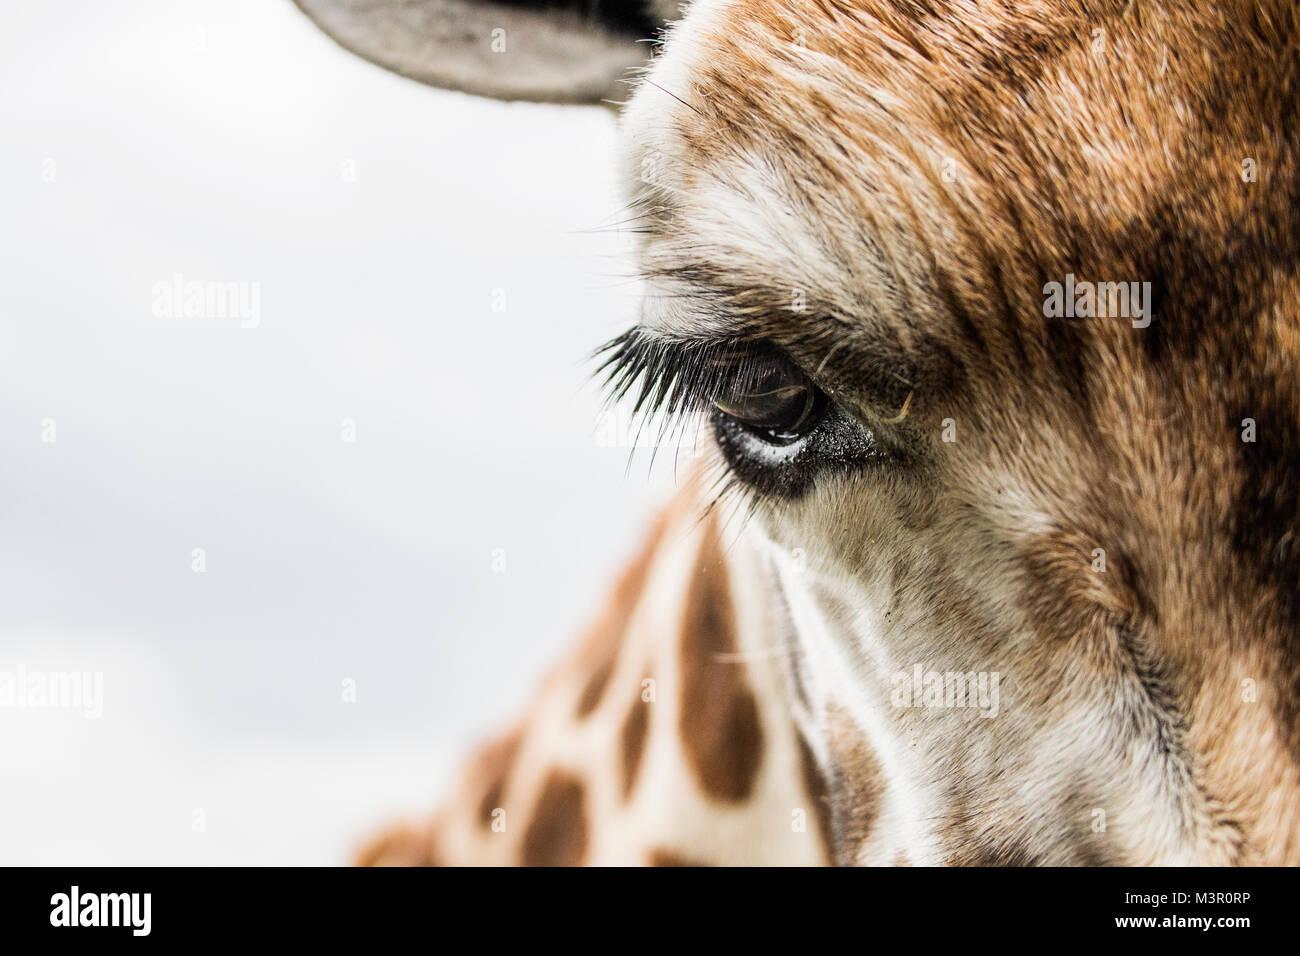 Ti guarda, Close up youg giraffe Immagini Stock